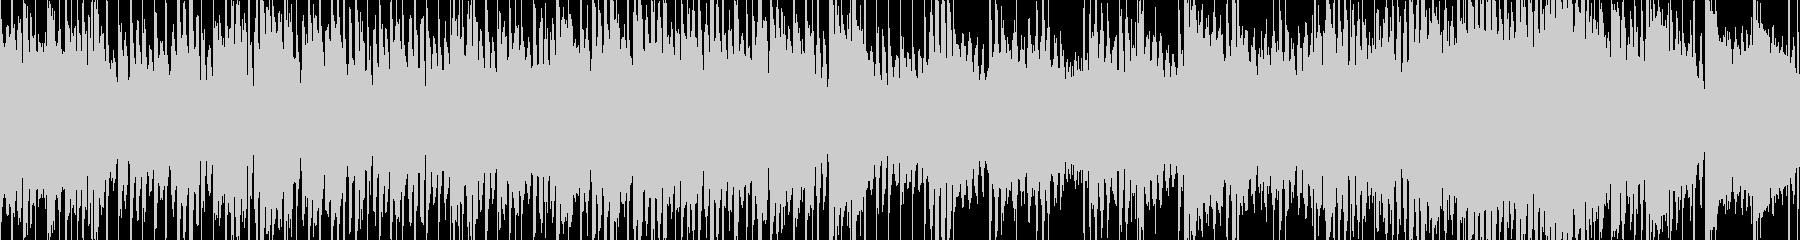 清涼感のあるかわいい曲(Loop対応)の未再生の波形